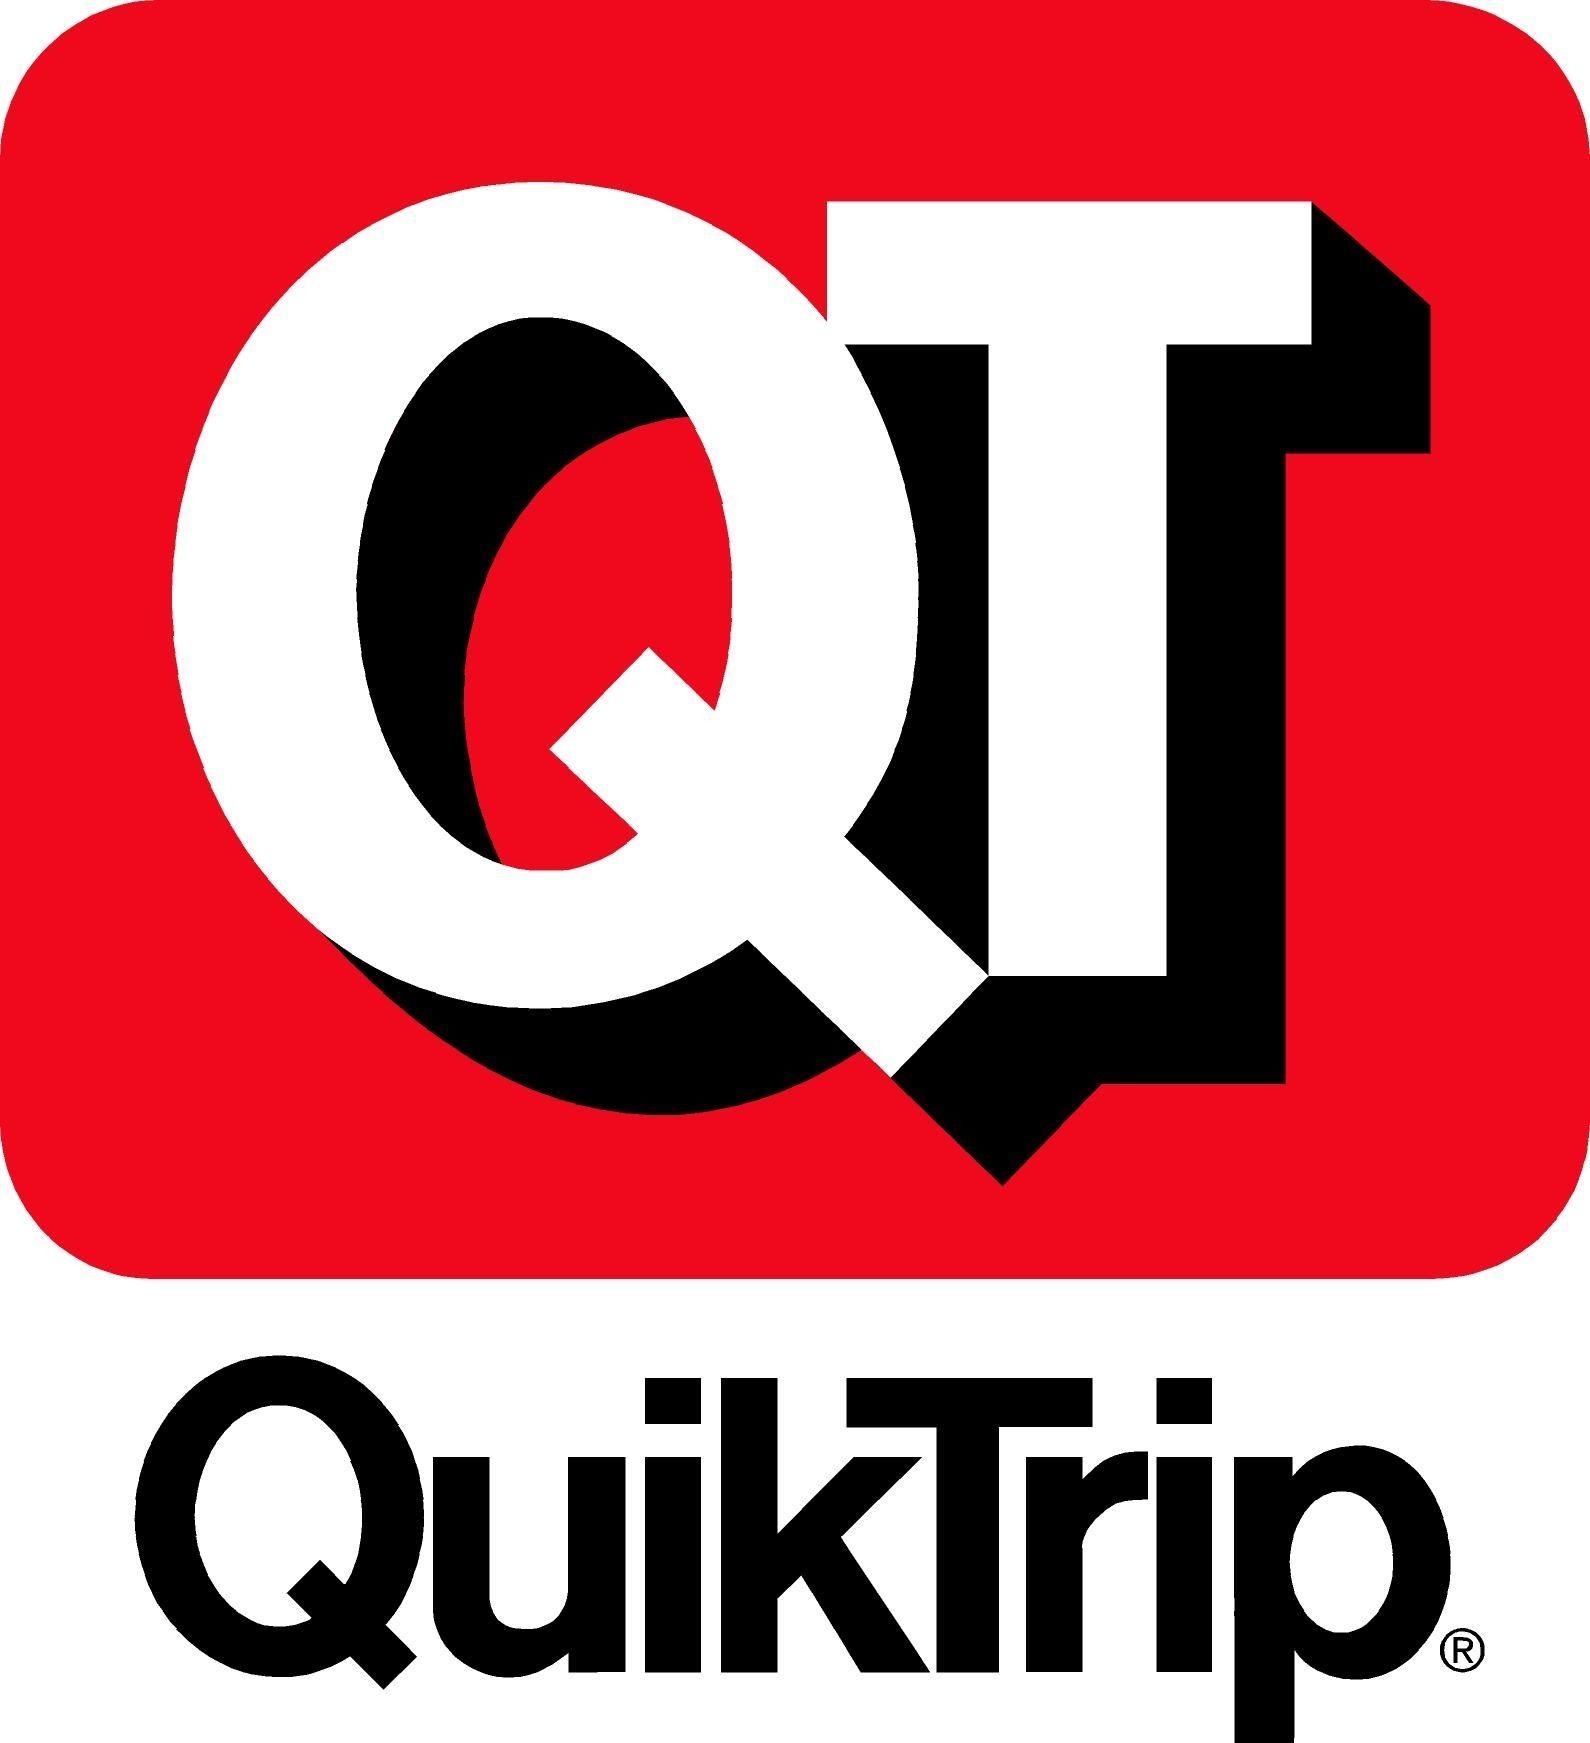 QuikTrip #4025